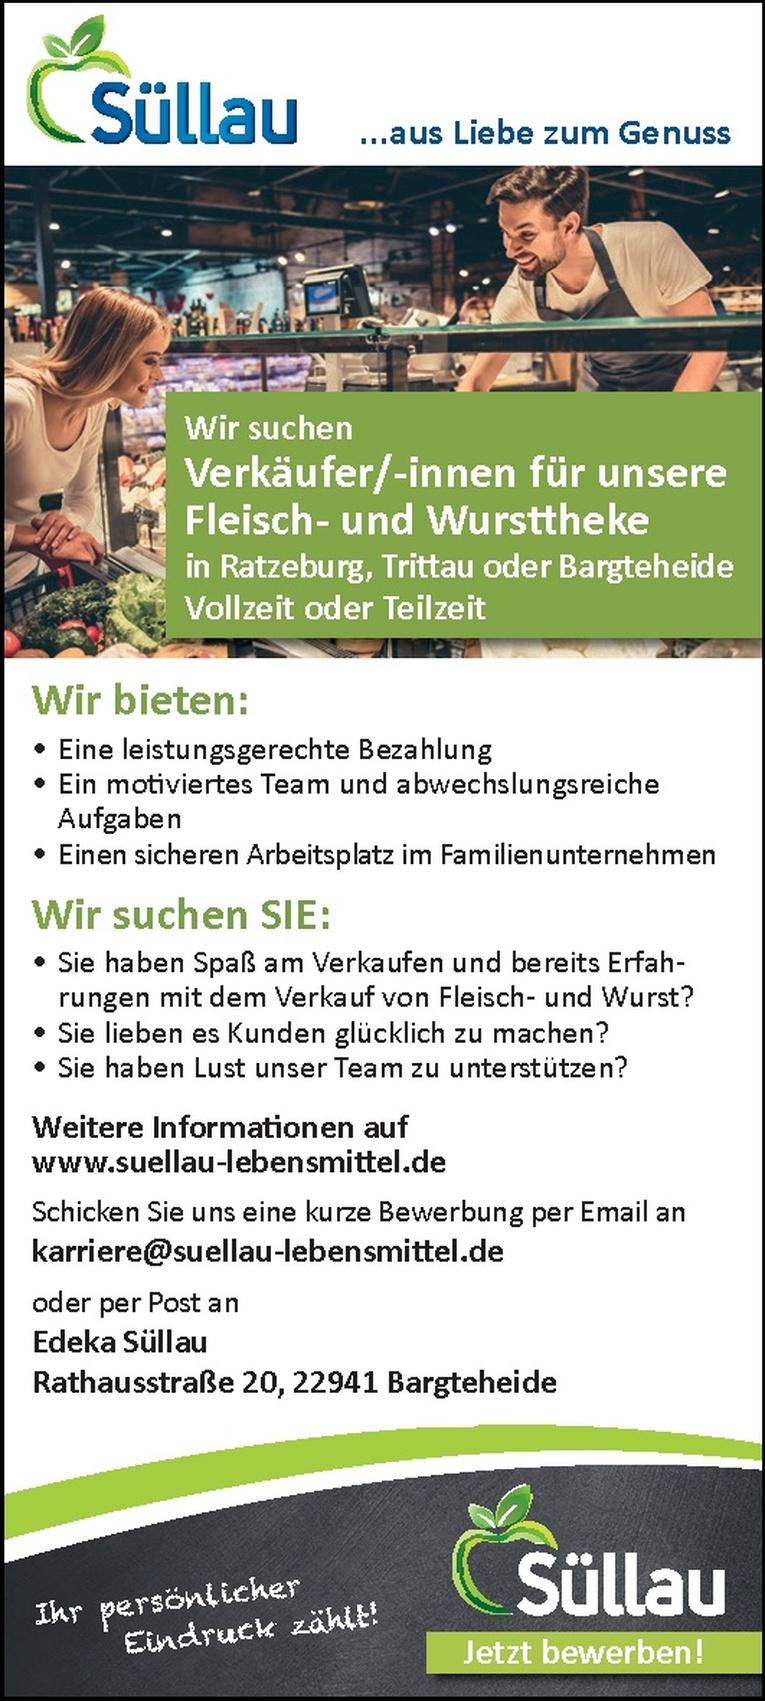 Verkäufer/-innen für unsere Fleisch- und Wursttheke